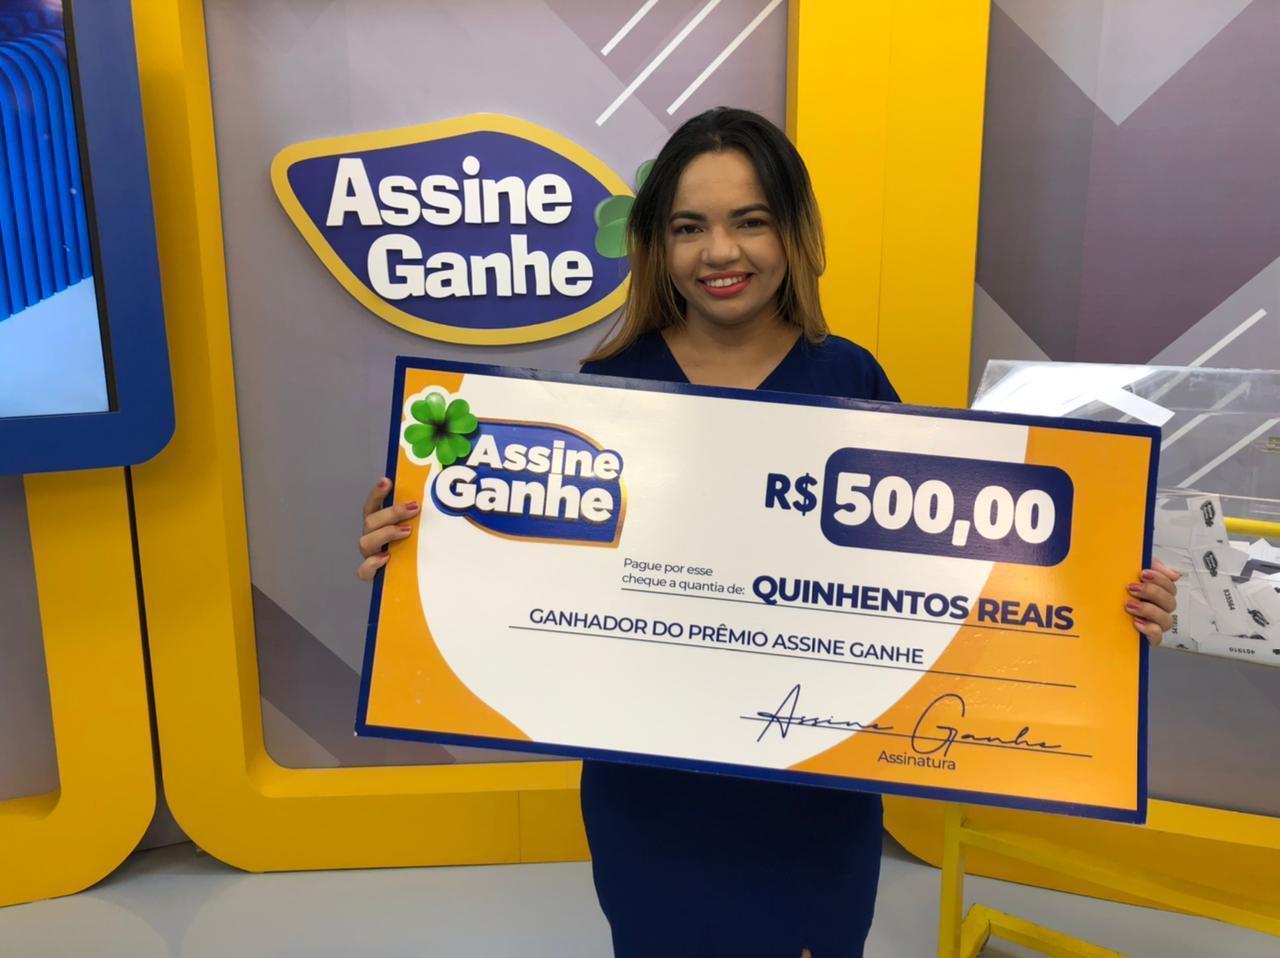 Assine Ganhe: Sorteada pela 3ª vez, recepcionista recebe prêmio na MN - Imagem 1